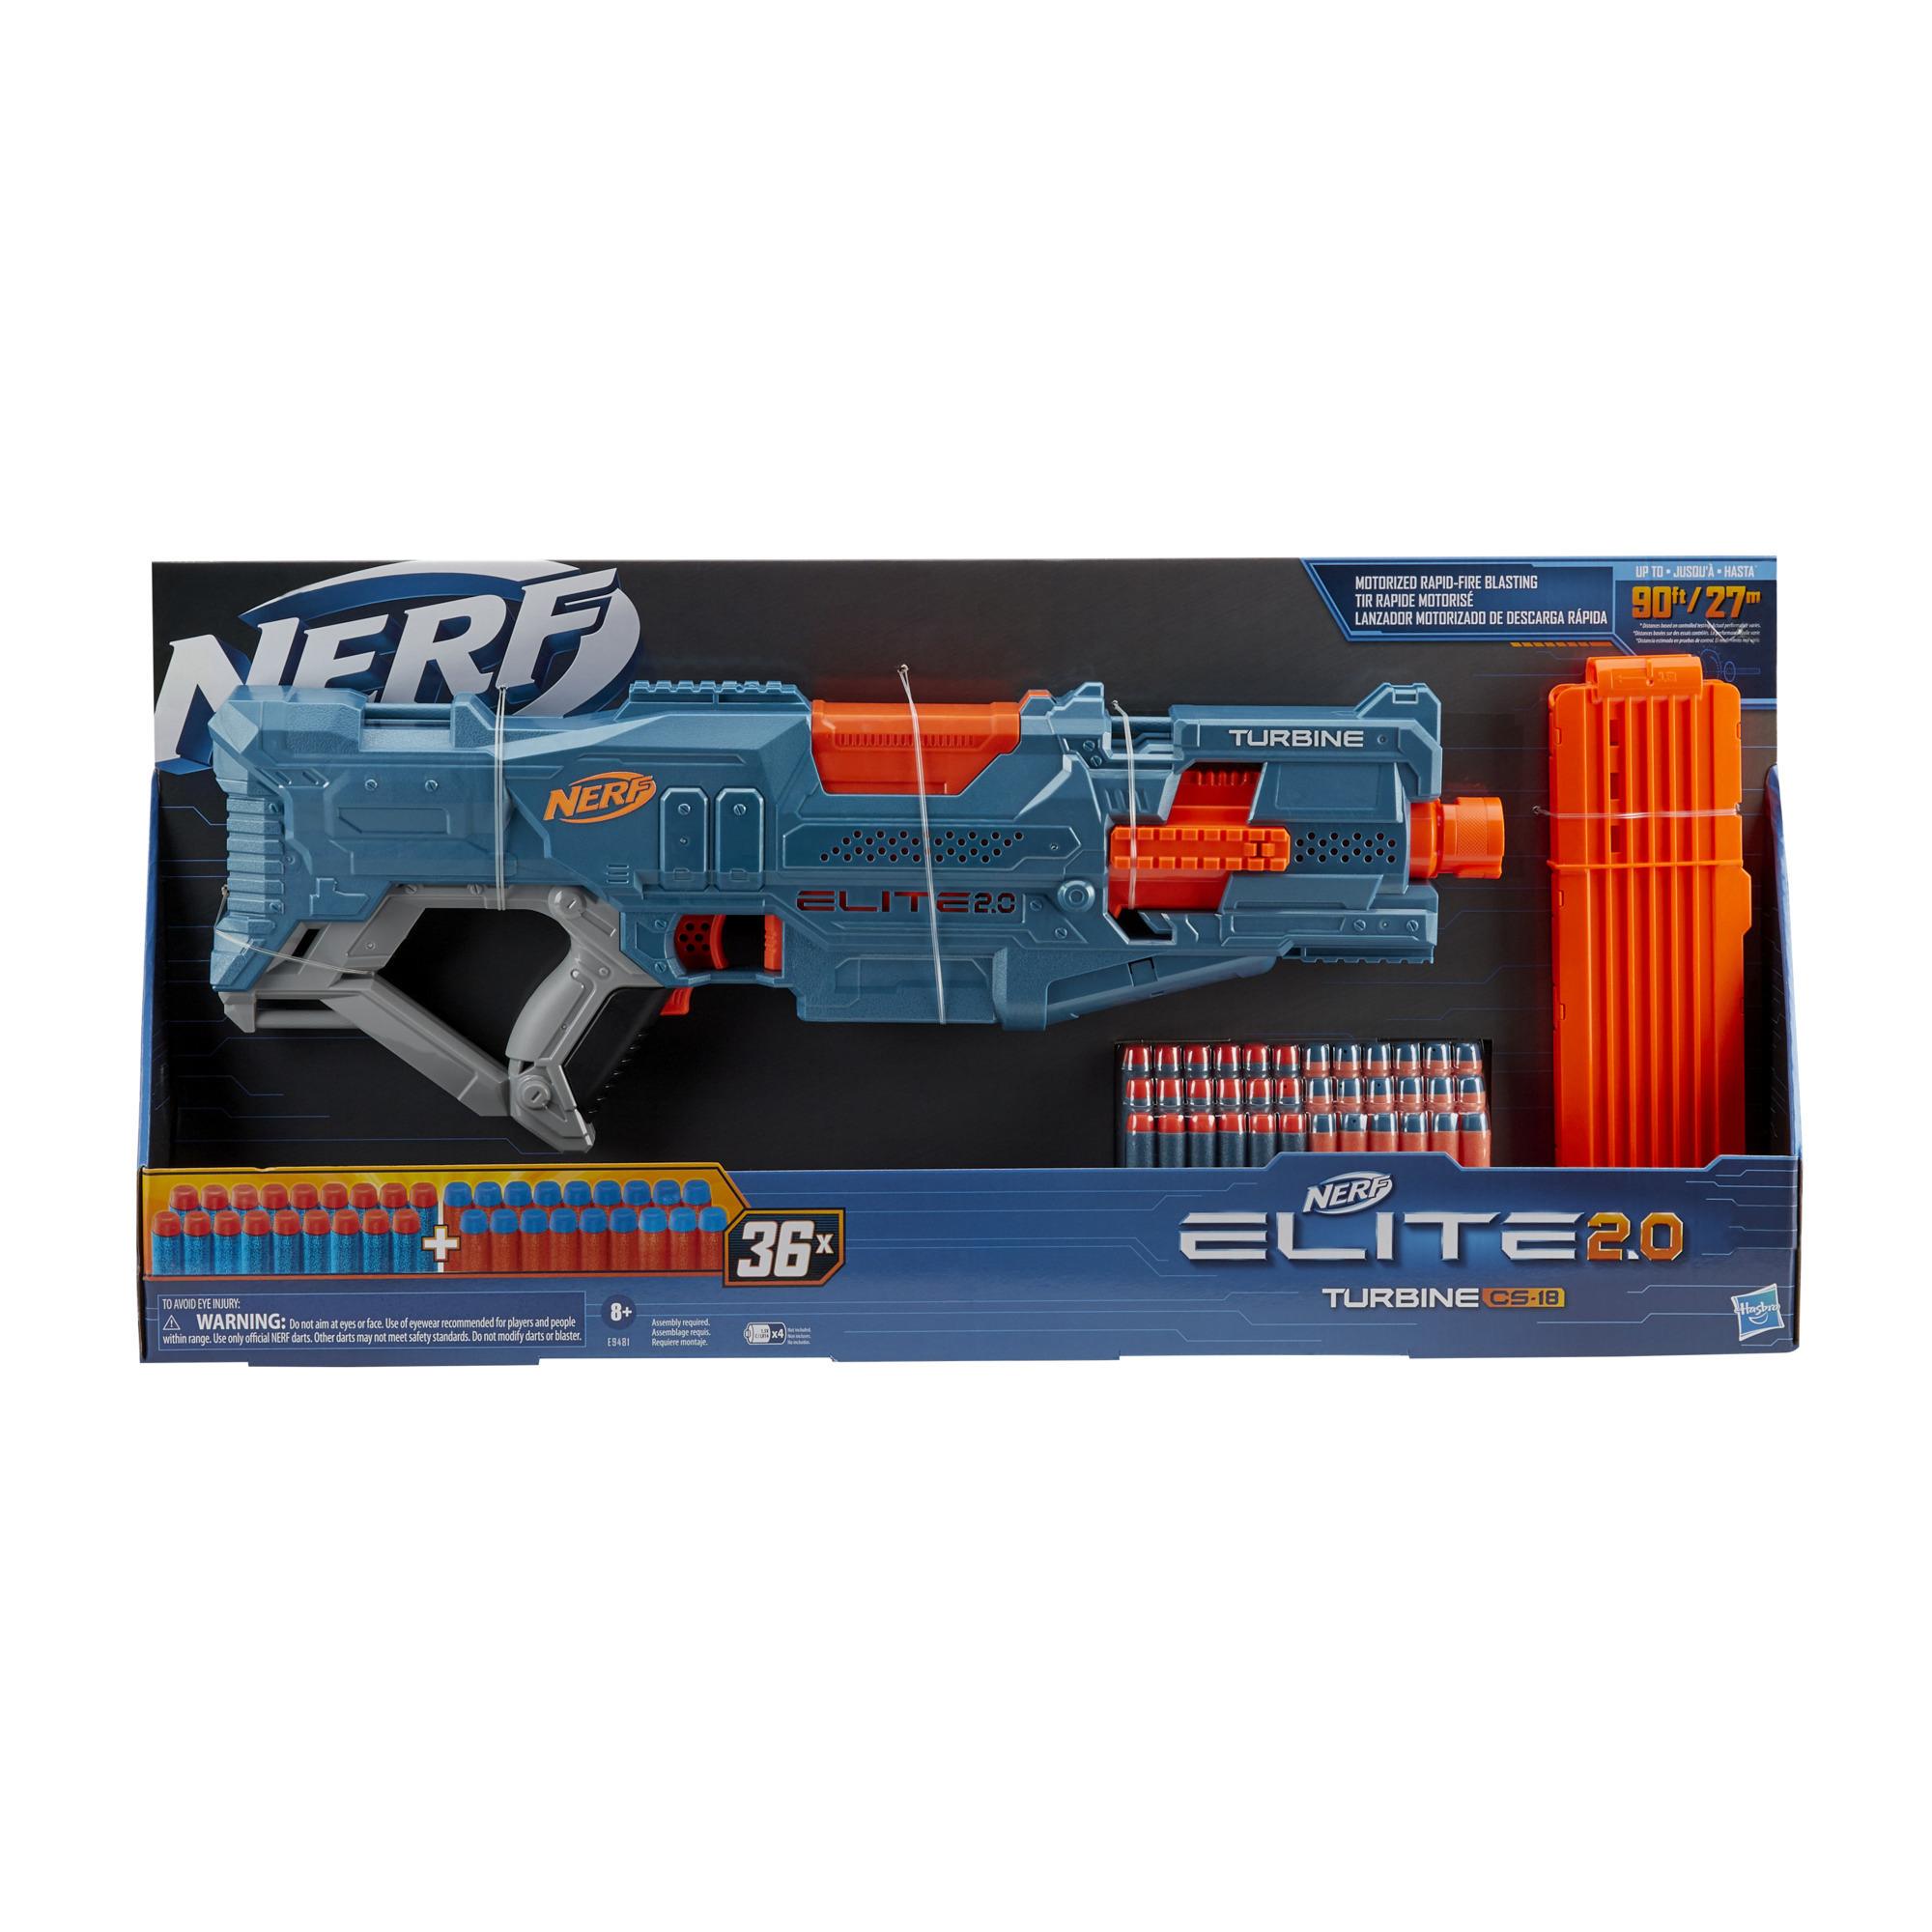 Zautomatyzowana wyrzutnia Nerf Elite 2.0 Turbine CS-18, 36 strzałek Nerf, 18-strzałkowy magazynek, możliwość dostosowania